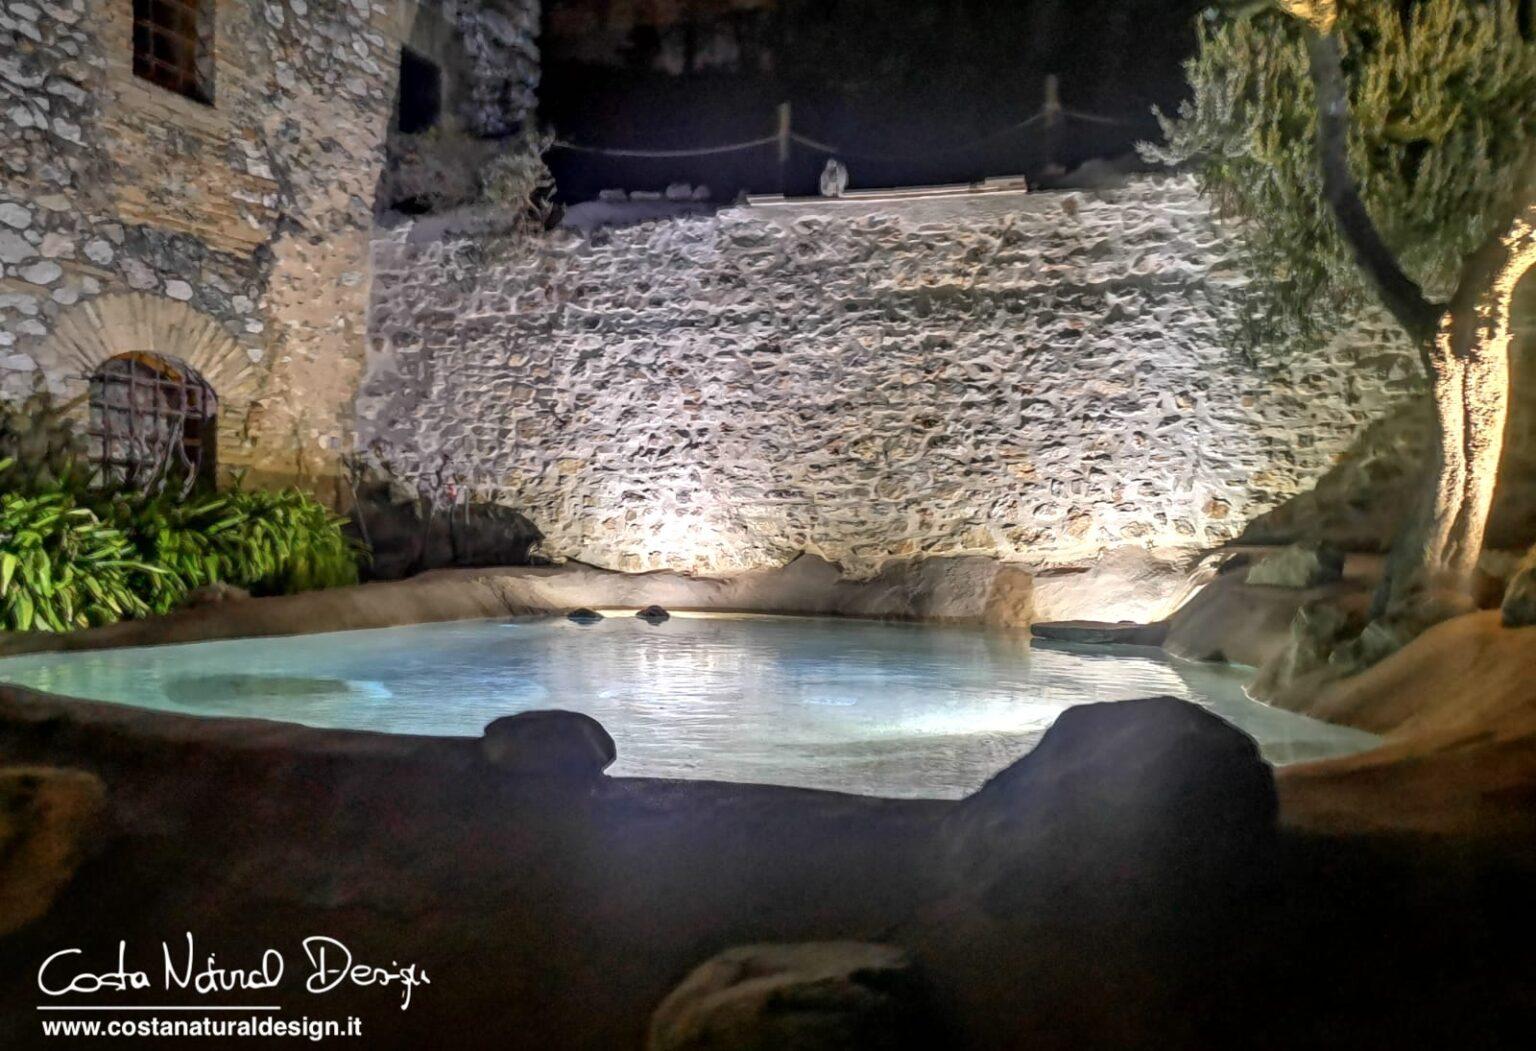 piscina ecocompatibile con illuminazione ad immersione